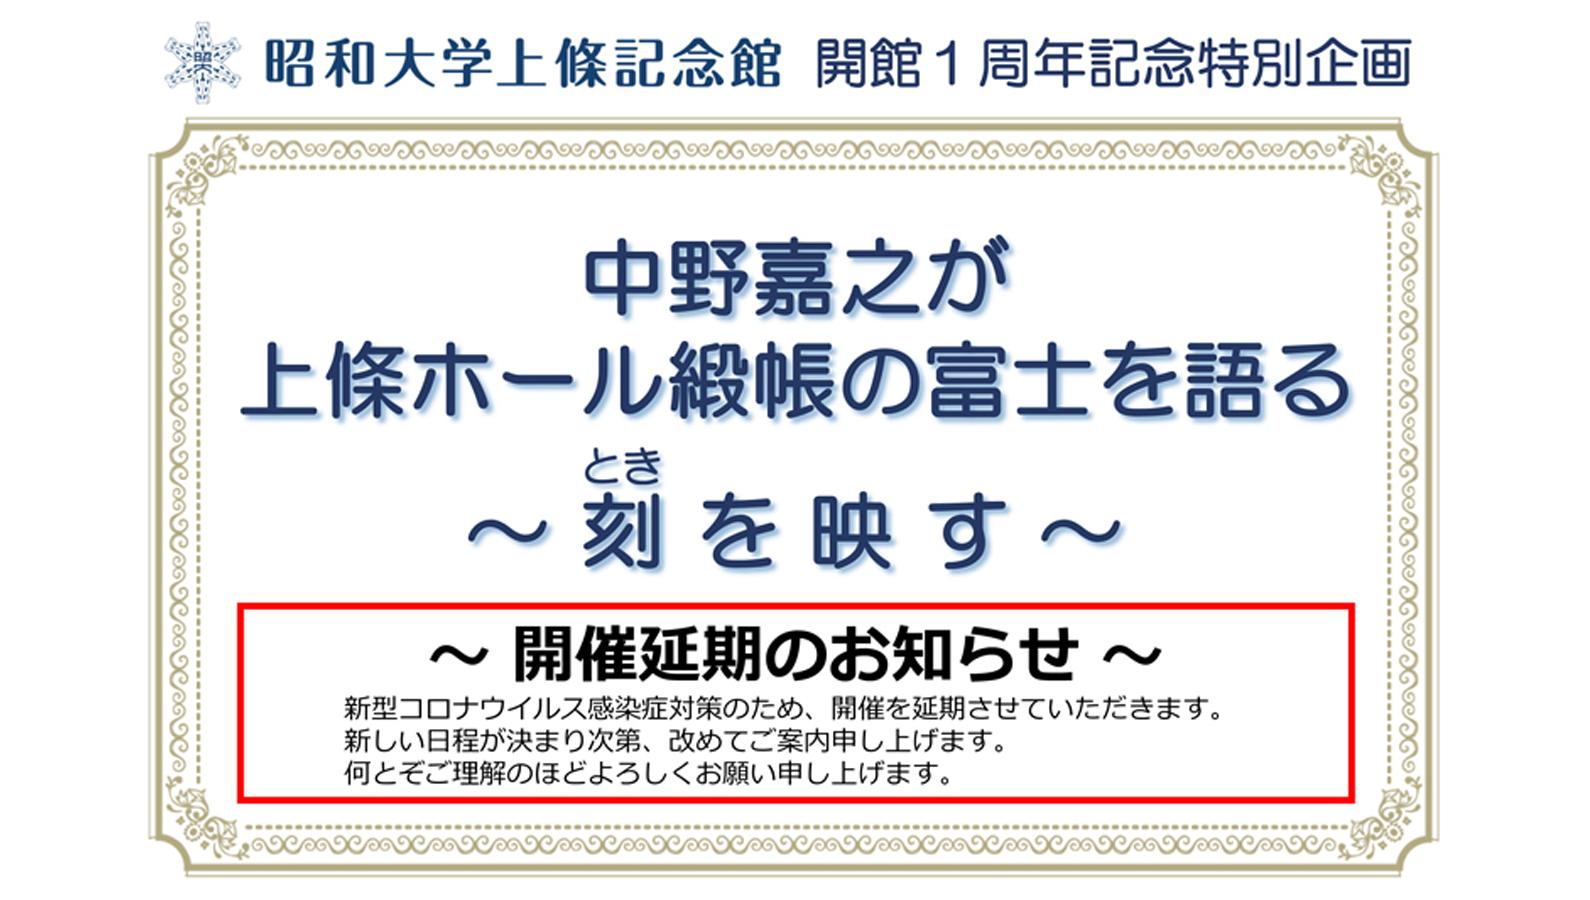 昭和大学上條記念館サイト